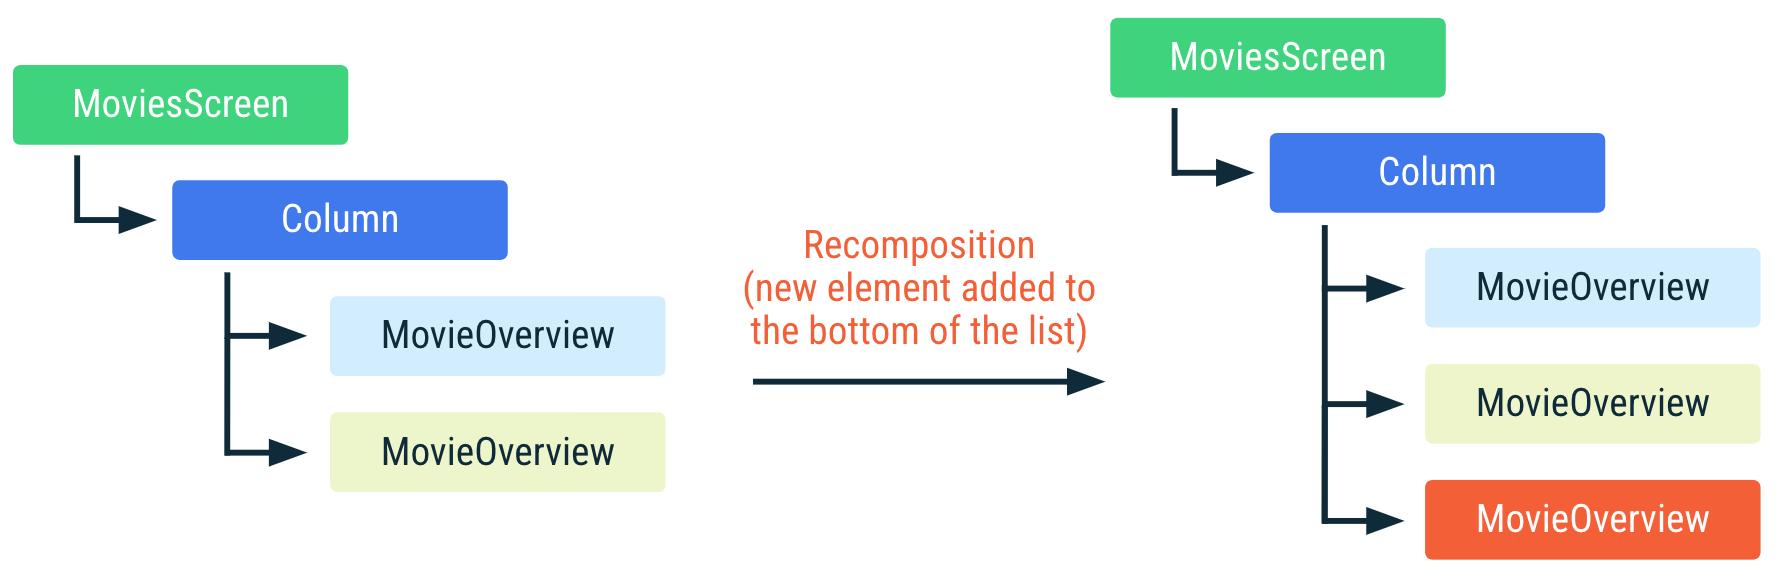 목록의 하단에 새 요소가 추가된 경우 앞의 코드가 재구성되는 방식을 보여주는 다이어그램. 목록에 있는 다른 항목의 위치는 변경되지 않았으며 재구성되지 않습니다.